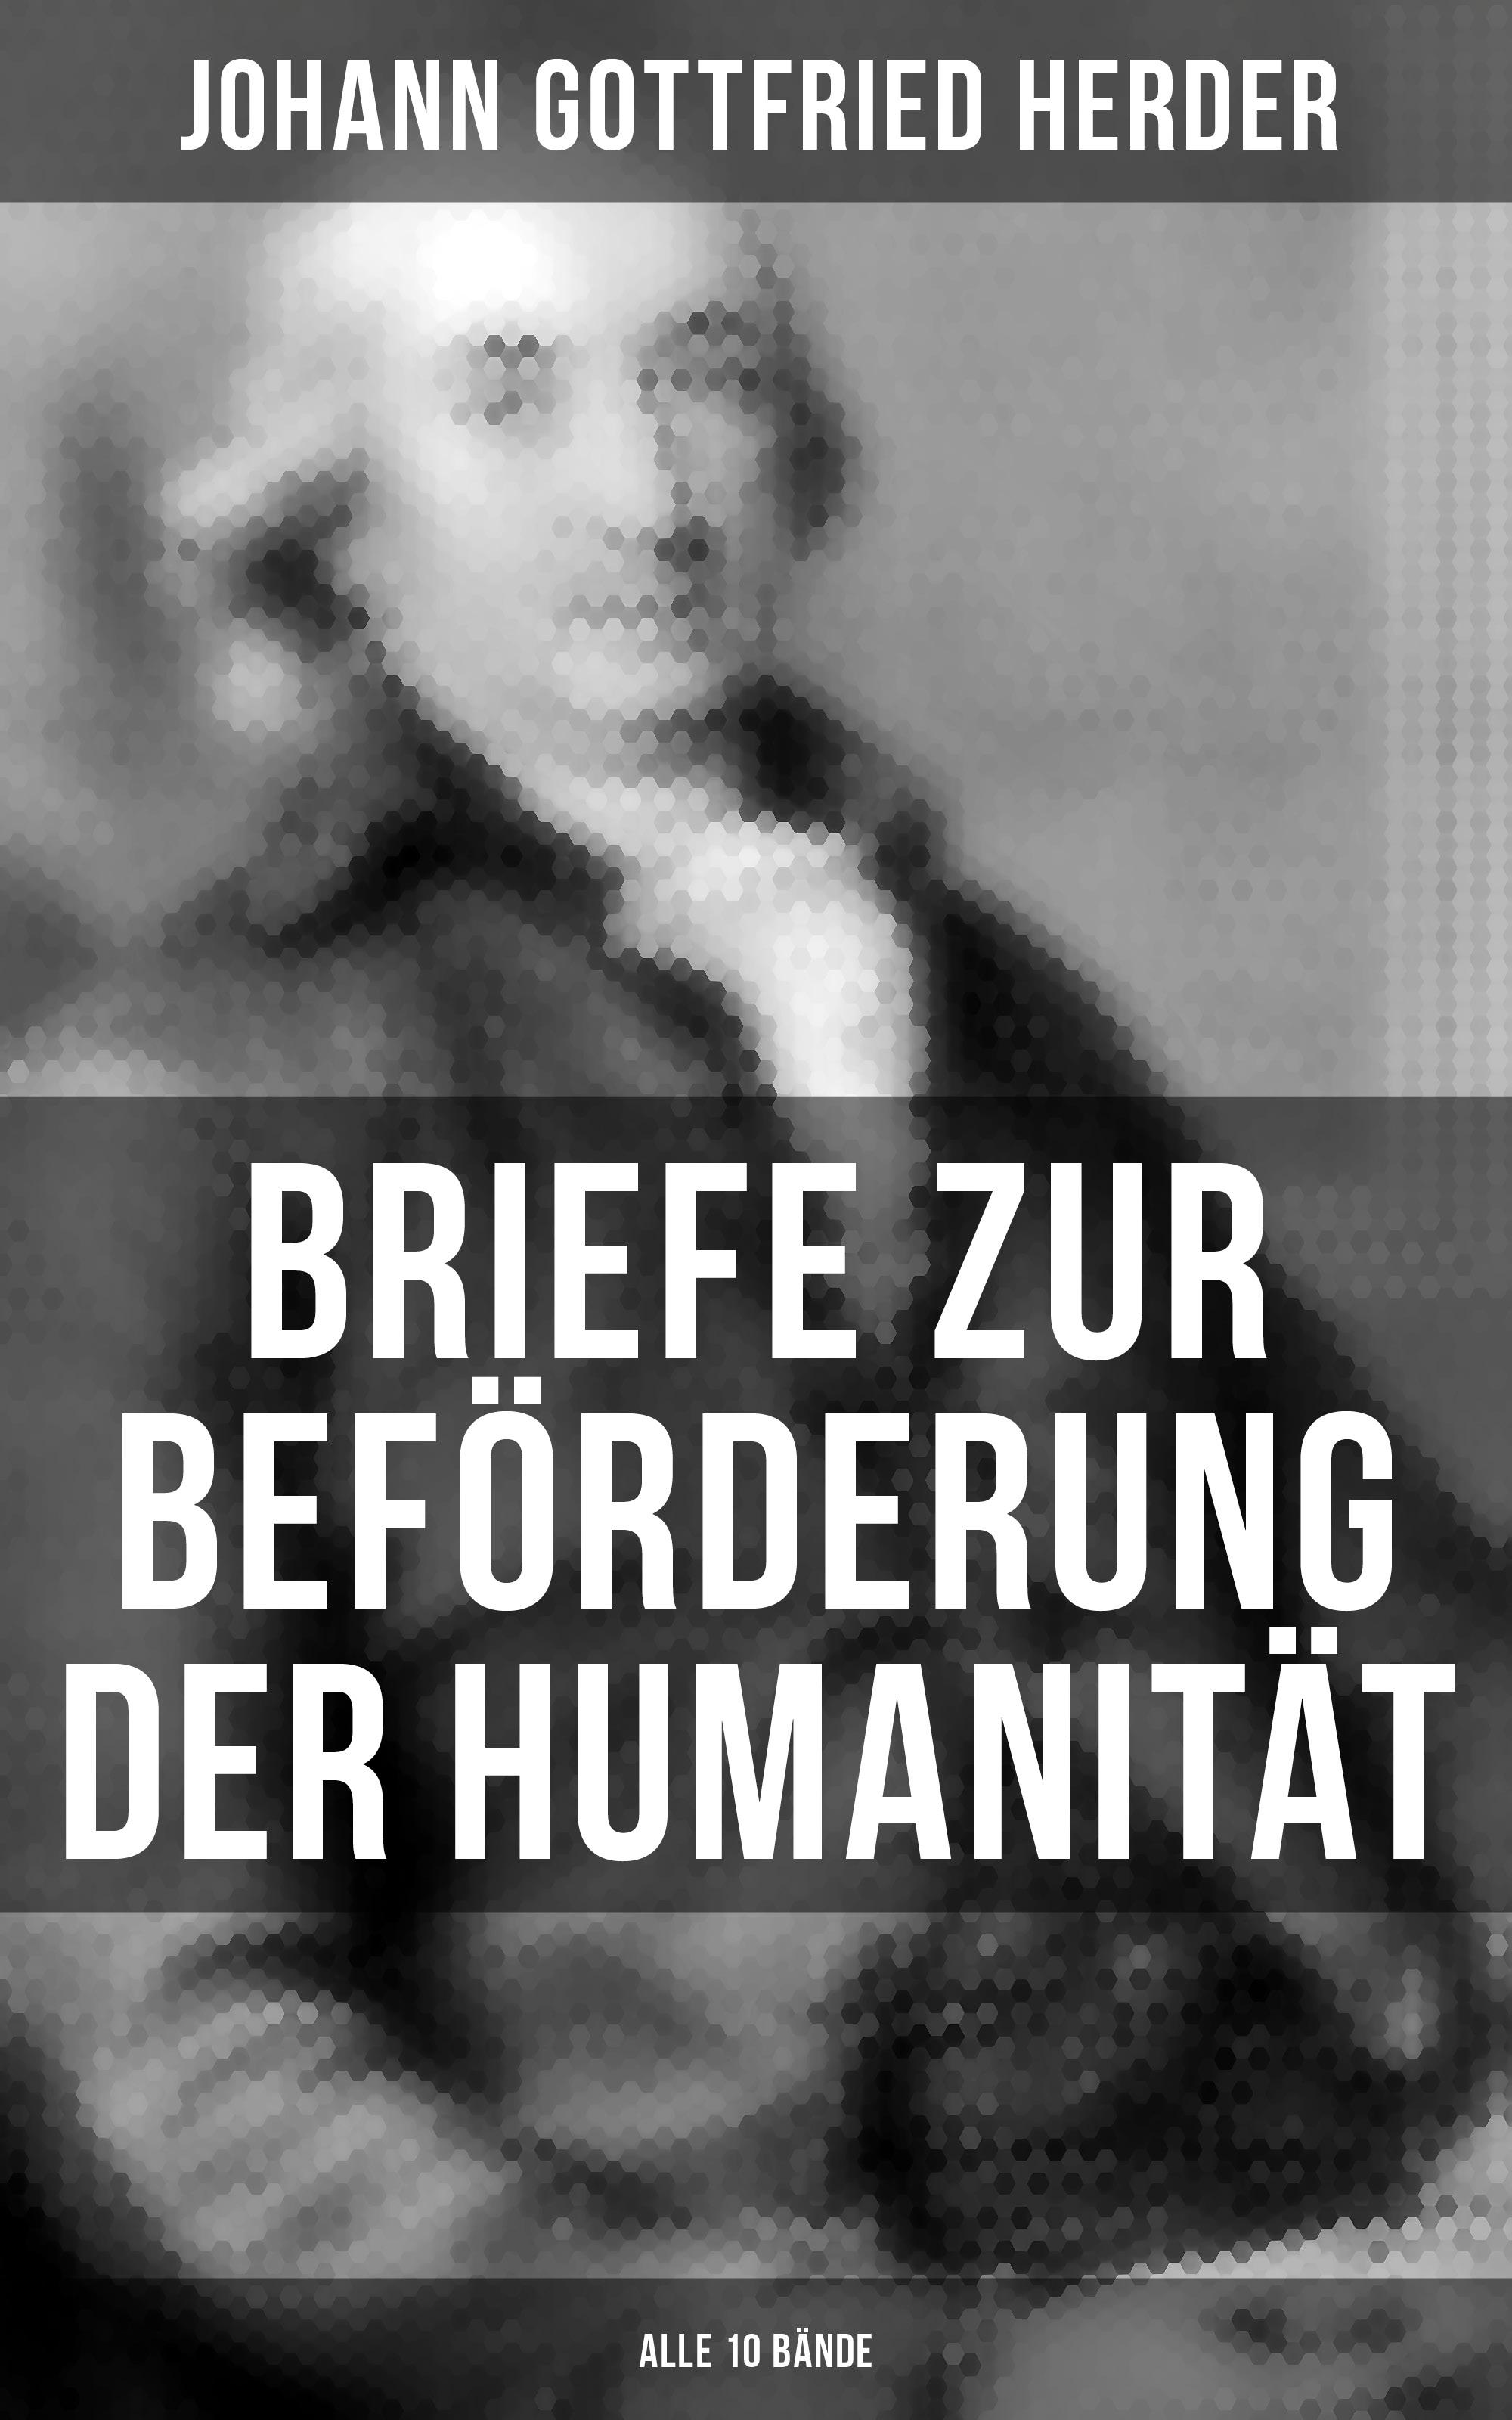 Johann Gottfried Herder Briefe zur Beförderung der Humanität (Alle 10 Bände)